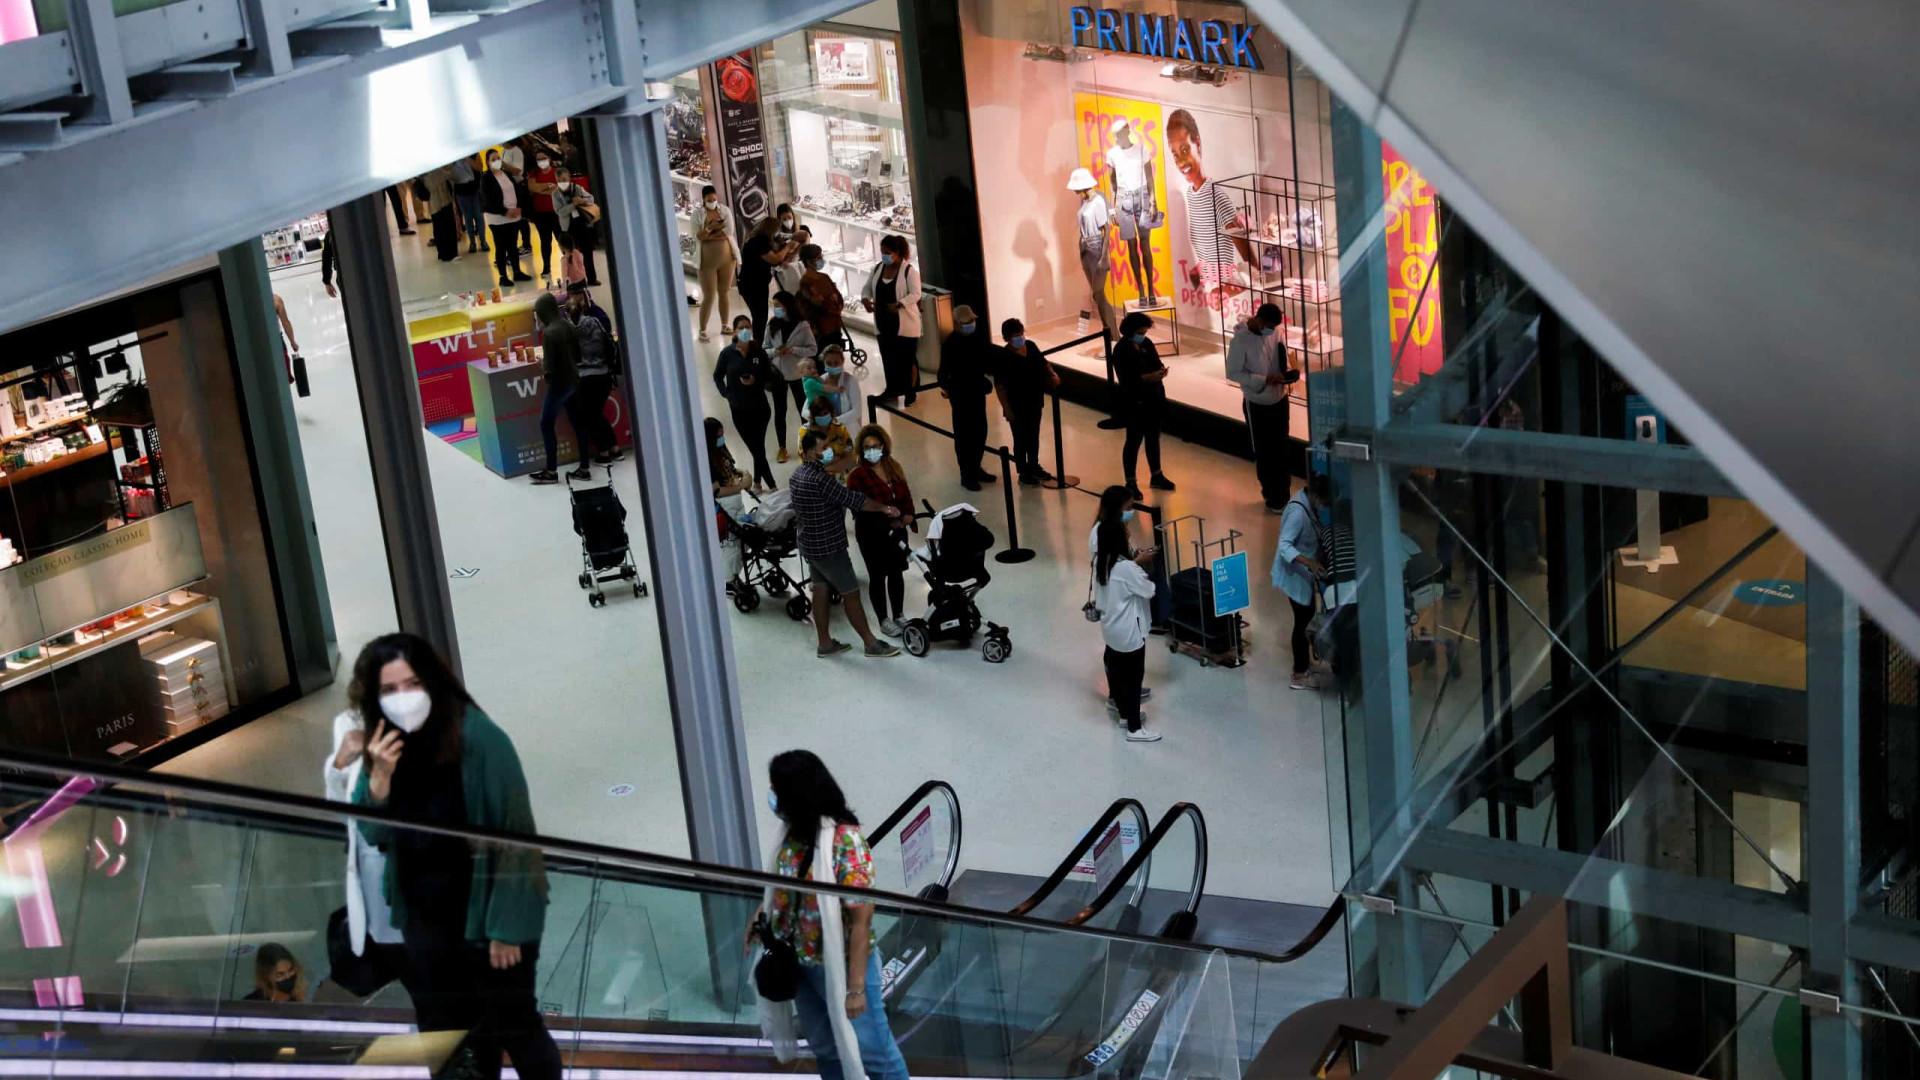 Filas à porta. Centros comerciais abriram e muitos disseram 'presente'